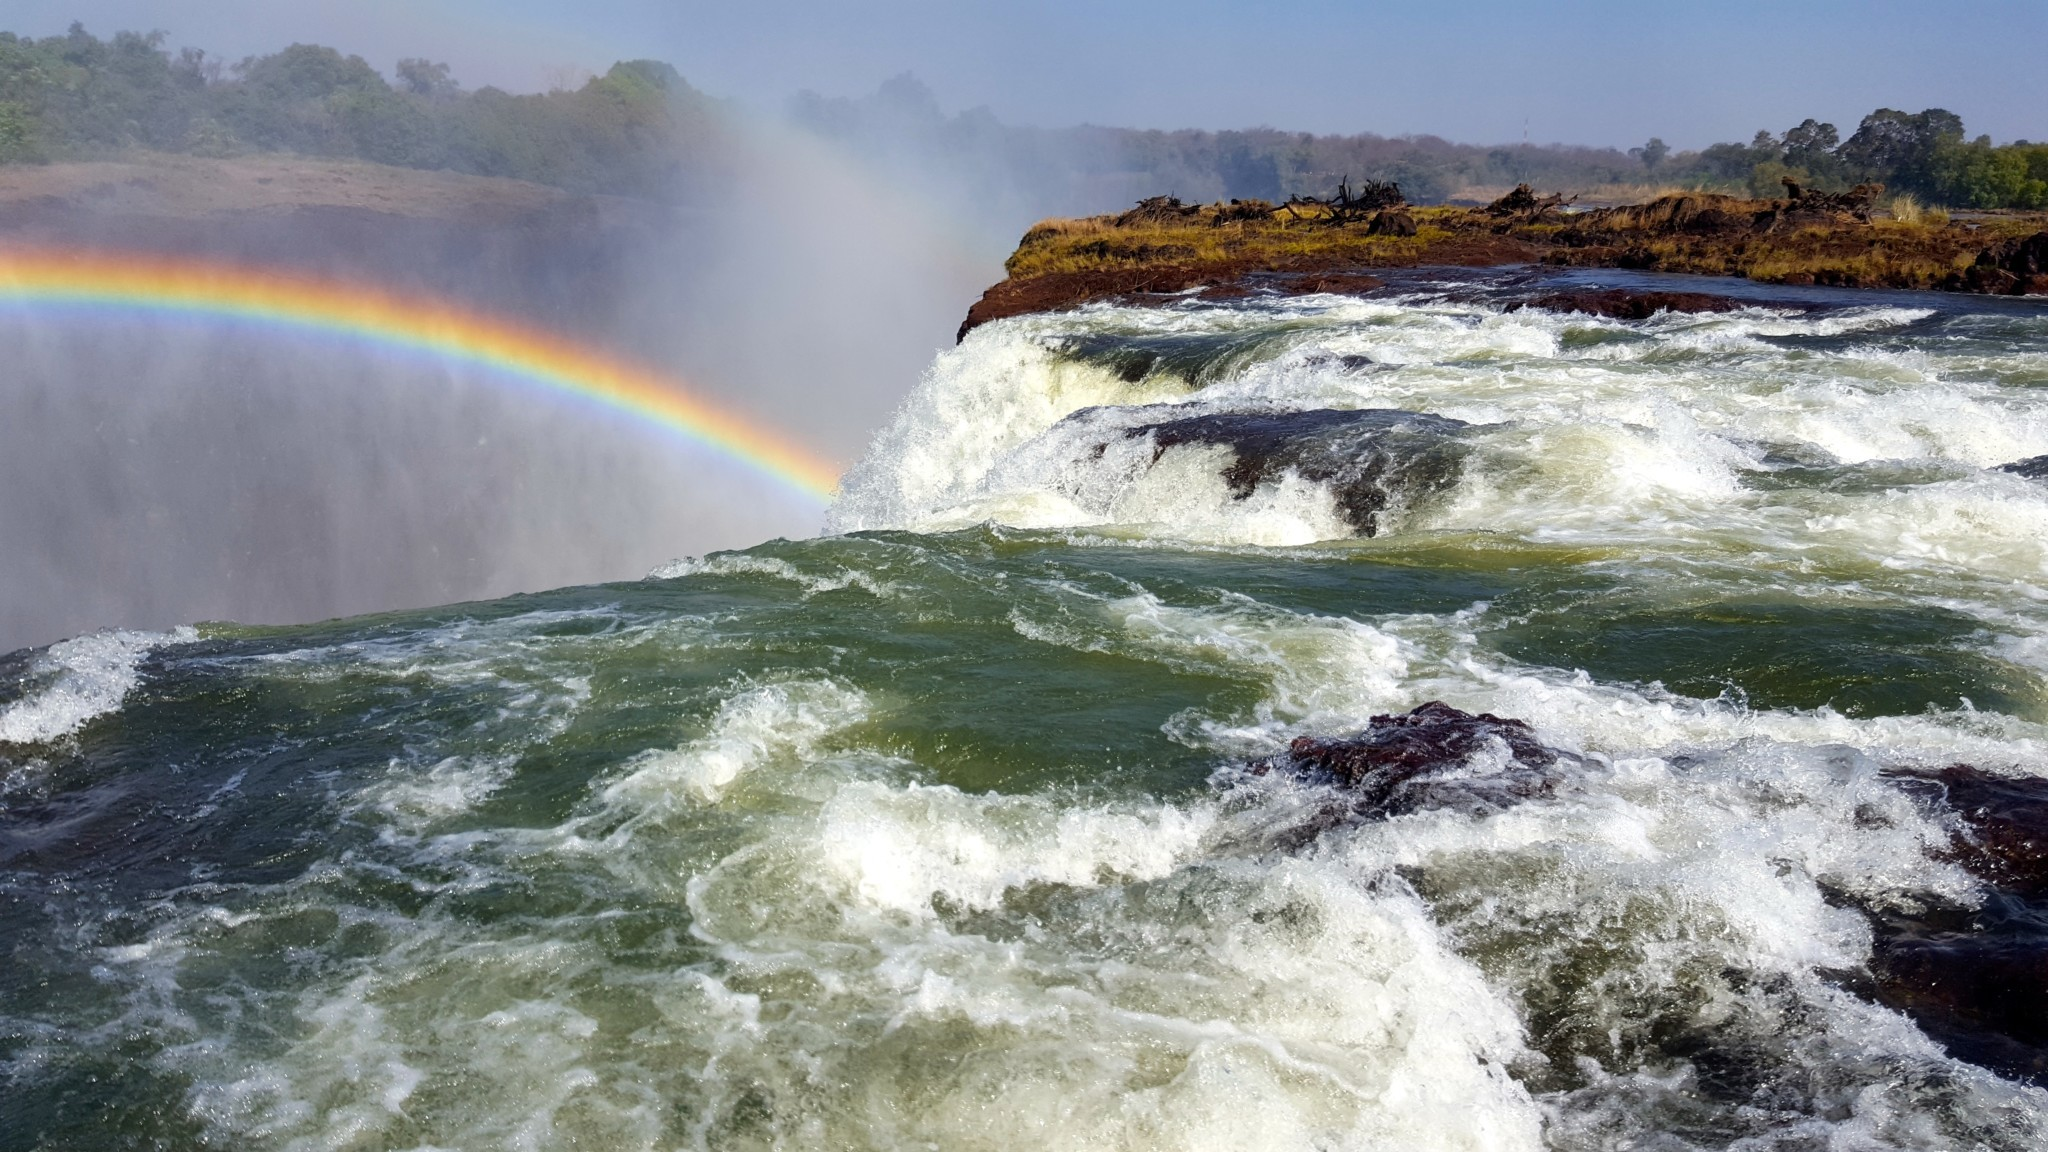 Victoria Falls Wallpaper 55 Images